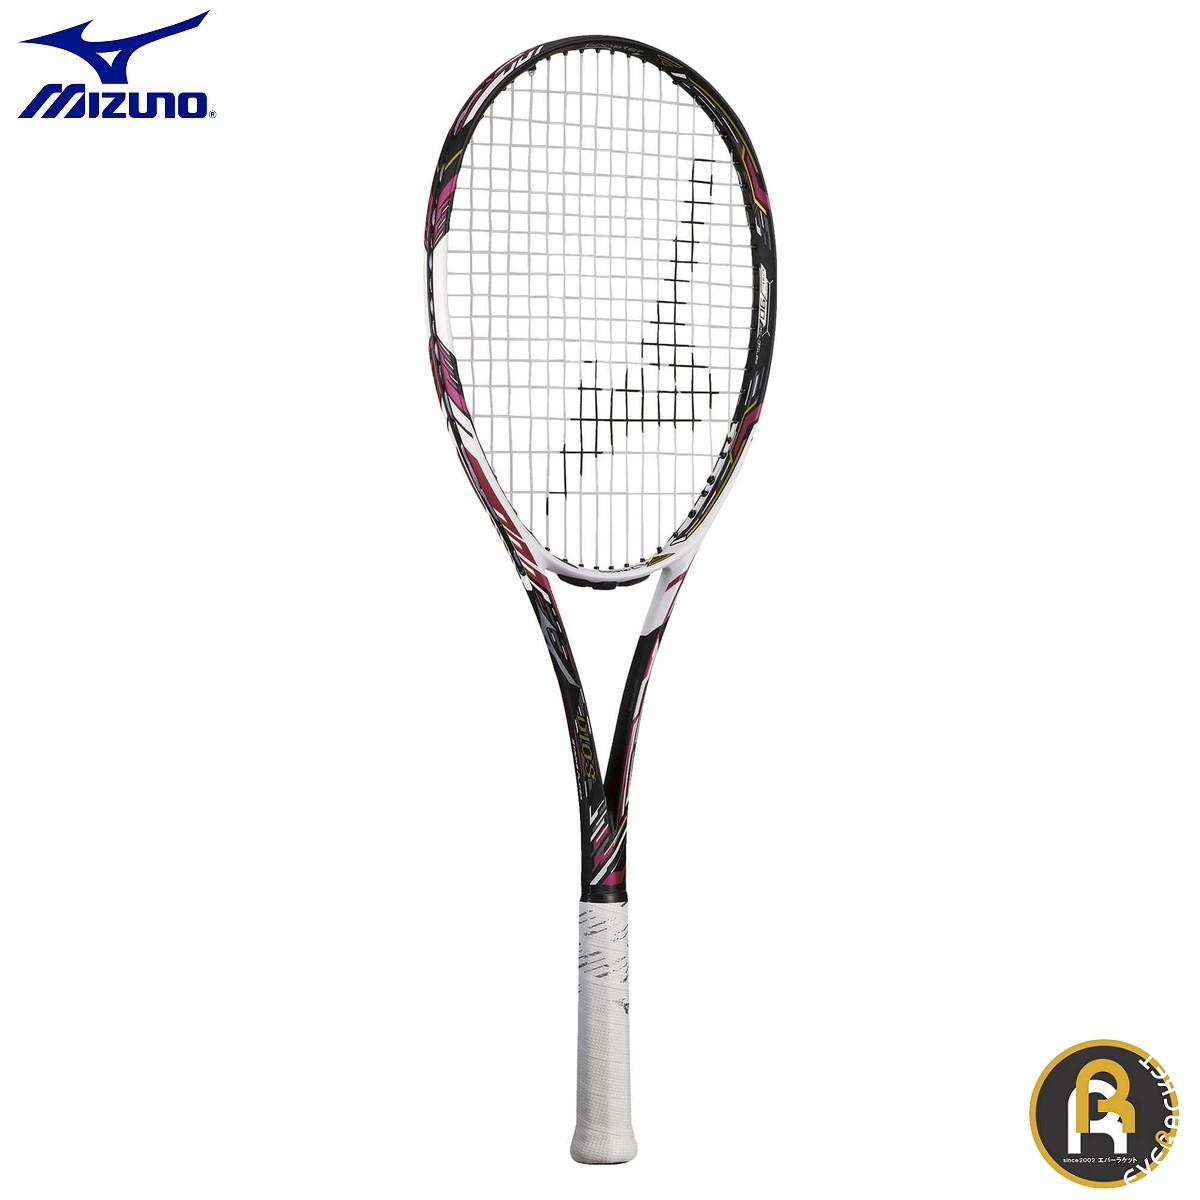 【スーパーセールポイント5倍】ミズノ MIZUNO ソフトテニスラケット DIOS 50-C 63JTN06664 ソフトテニス